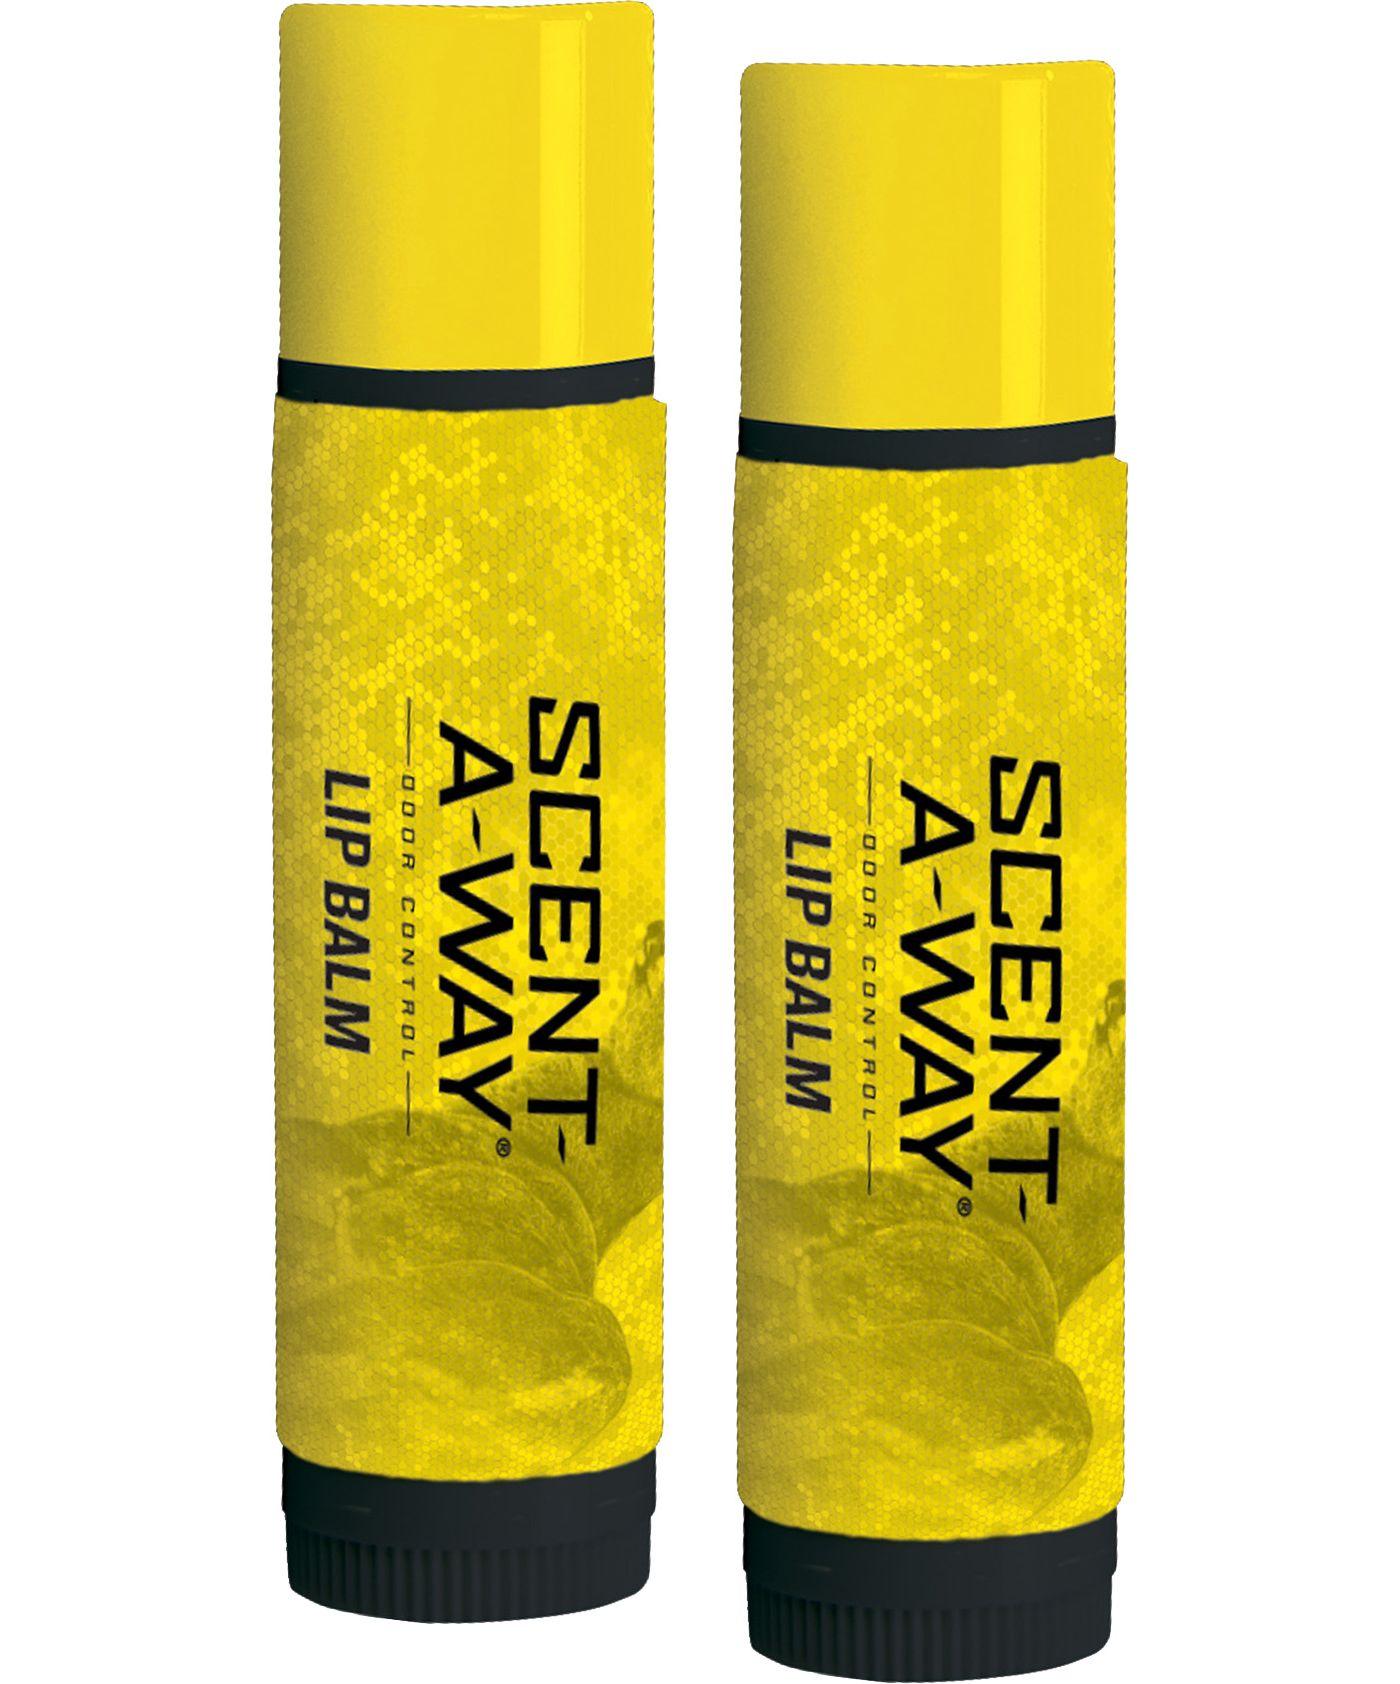 Scent-A-Way Max Lip Balm